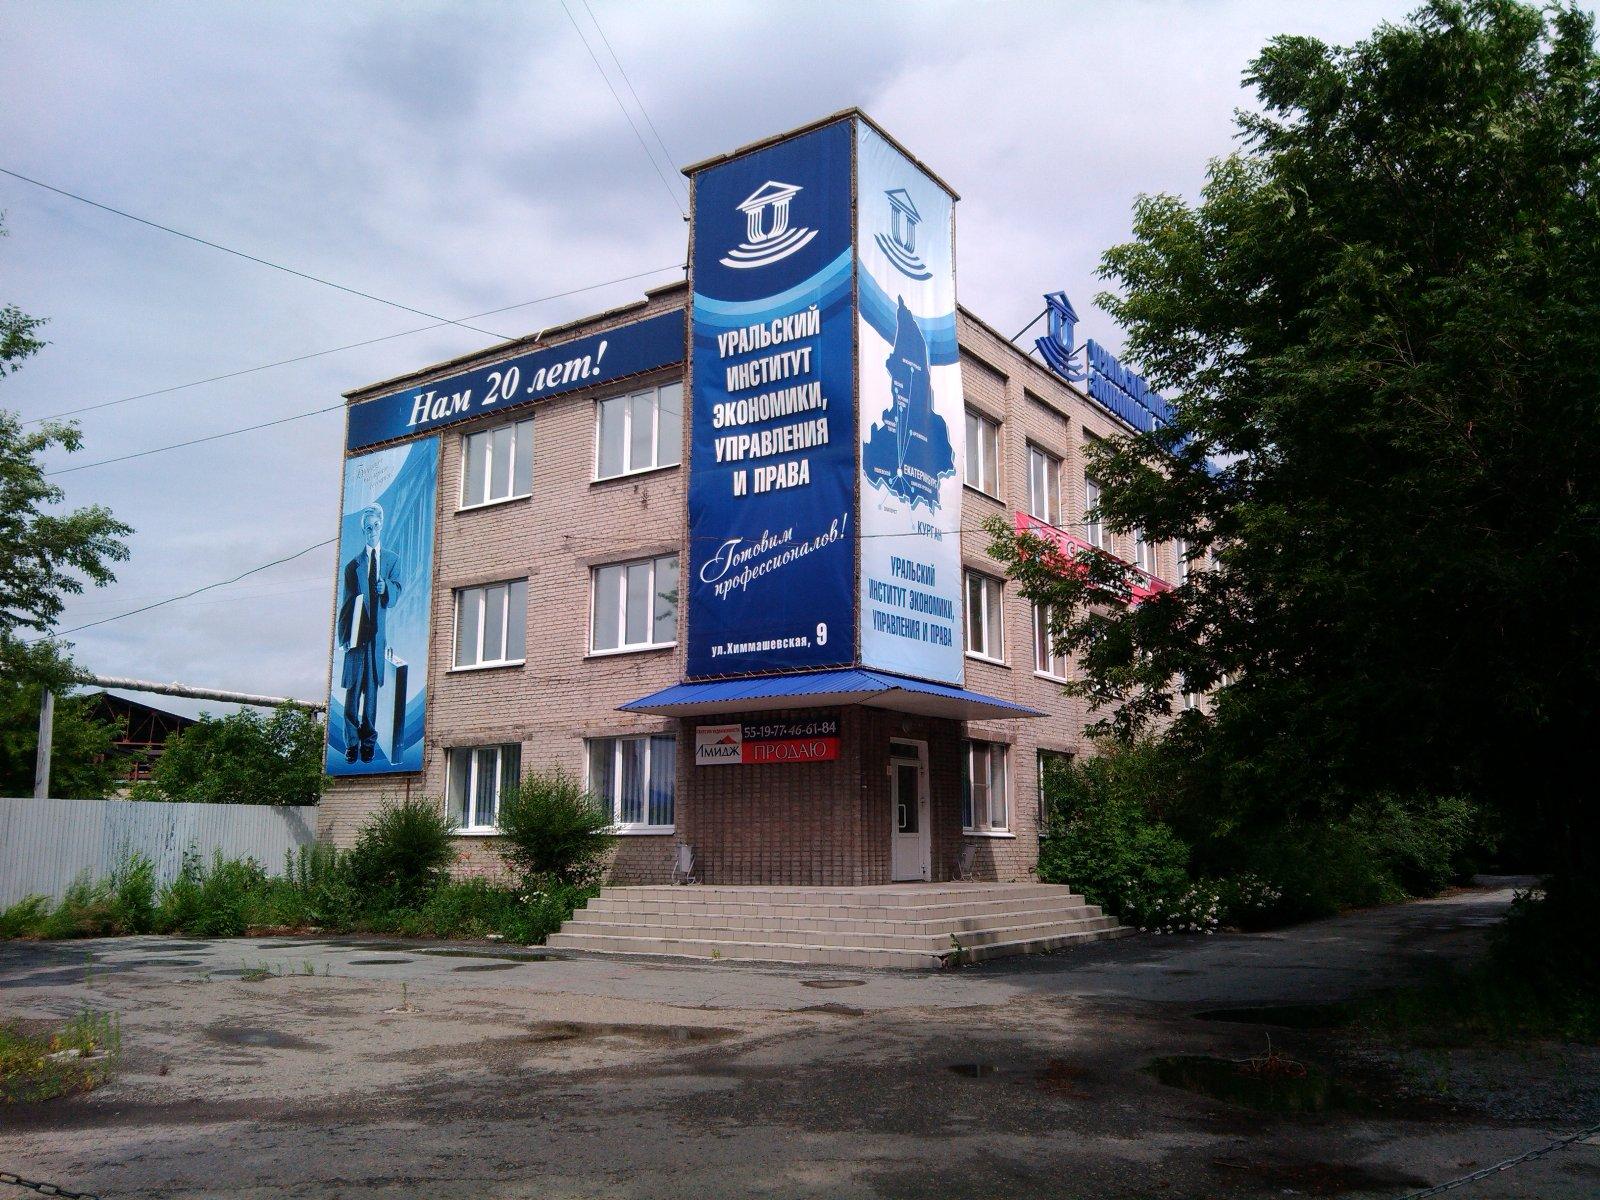 Уральский институт экономики, управления и права — филиал в г. Курган